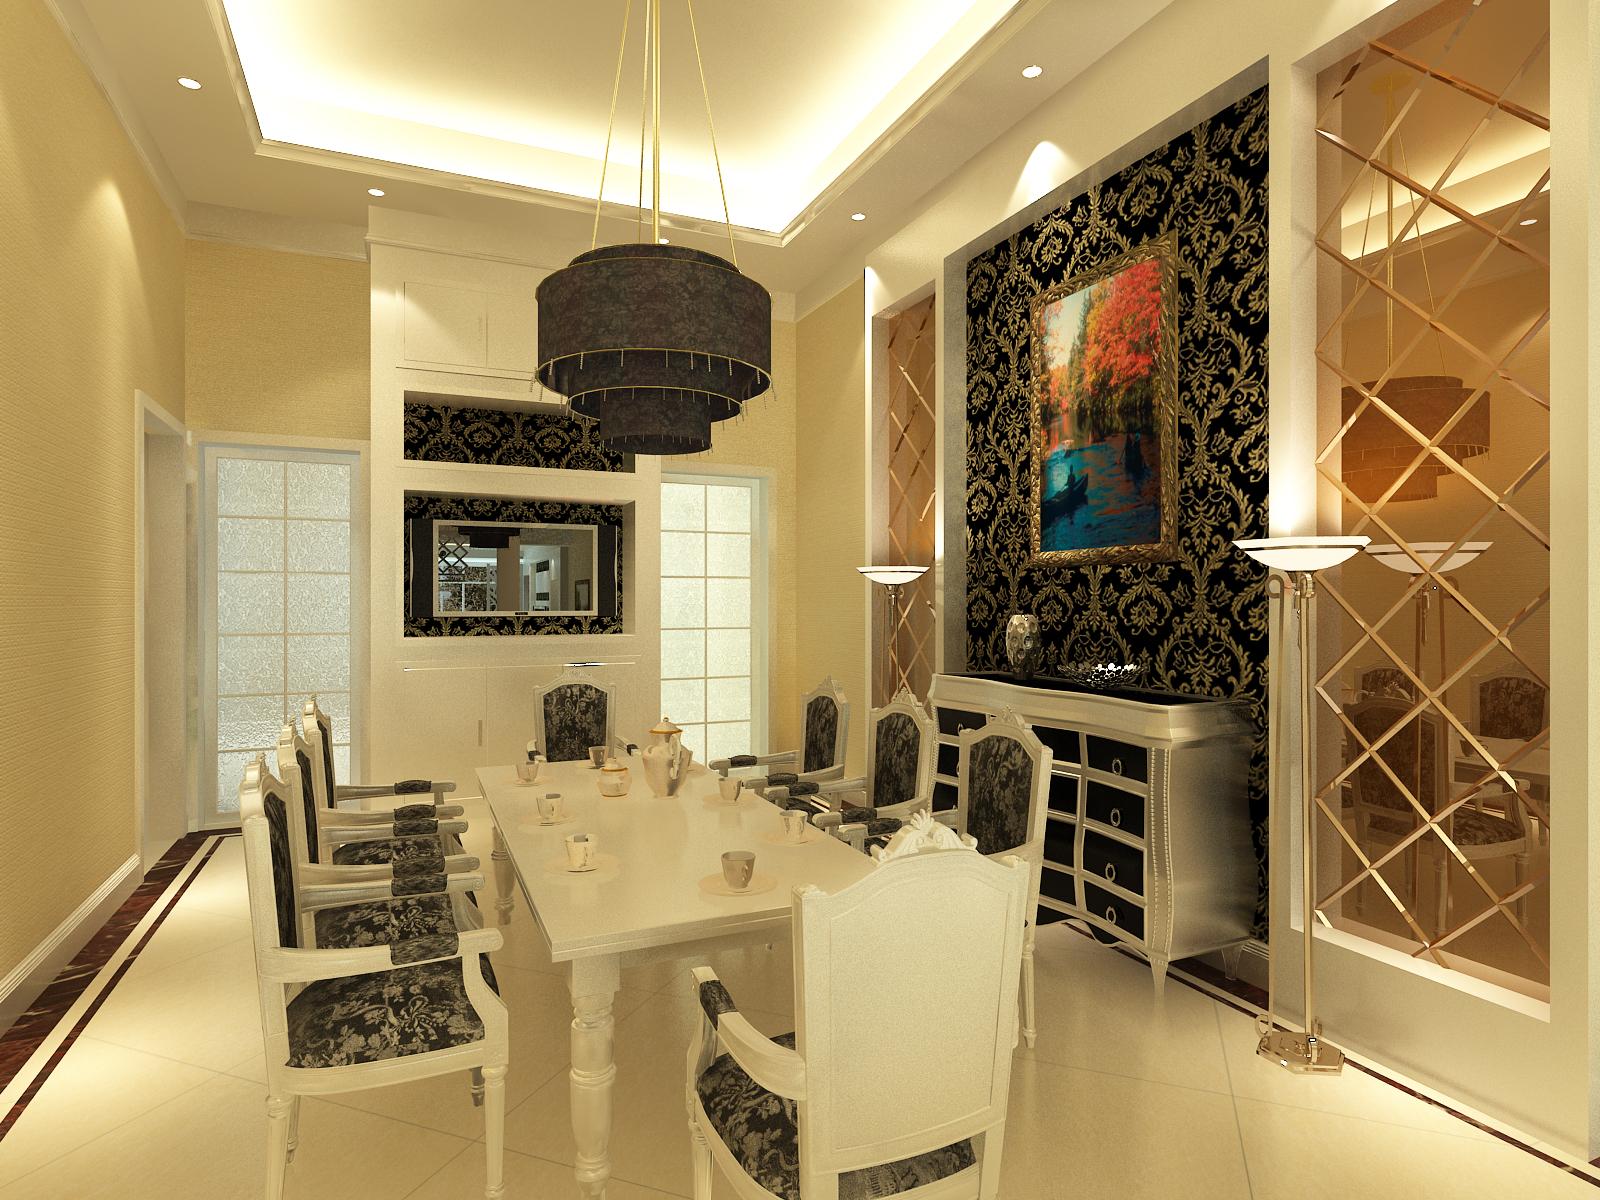 简约 餐厅图片来自室内设计师--杨刚在千禧学府苑的分享